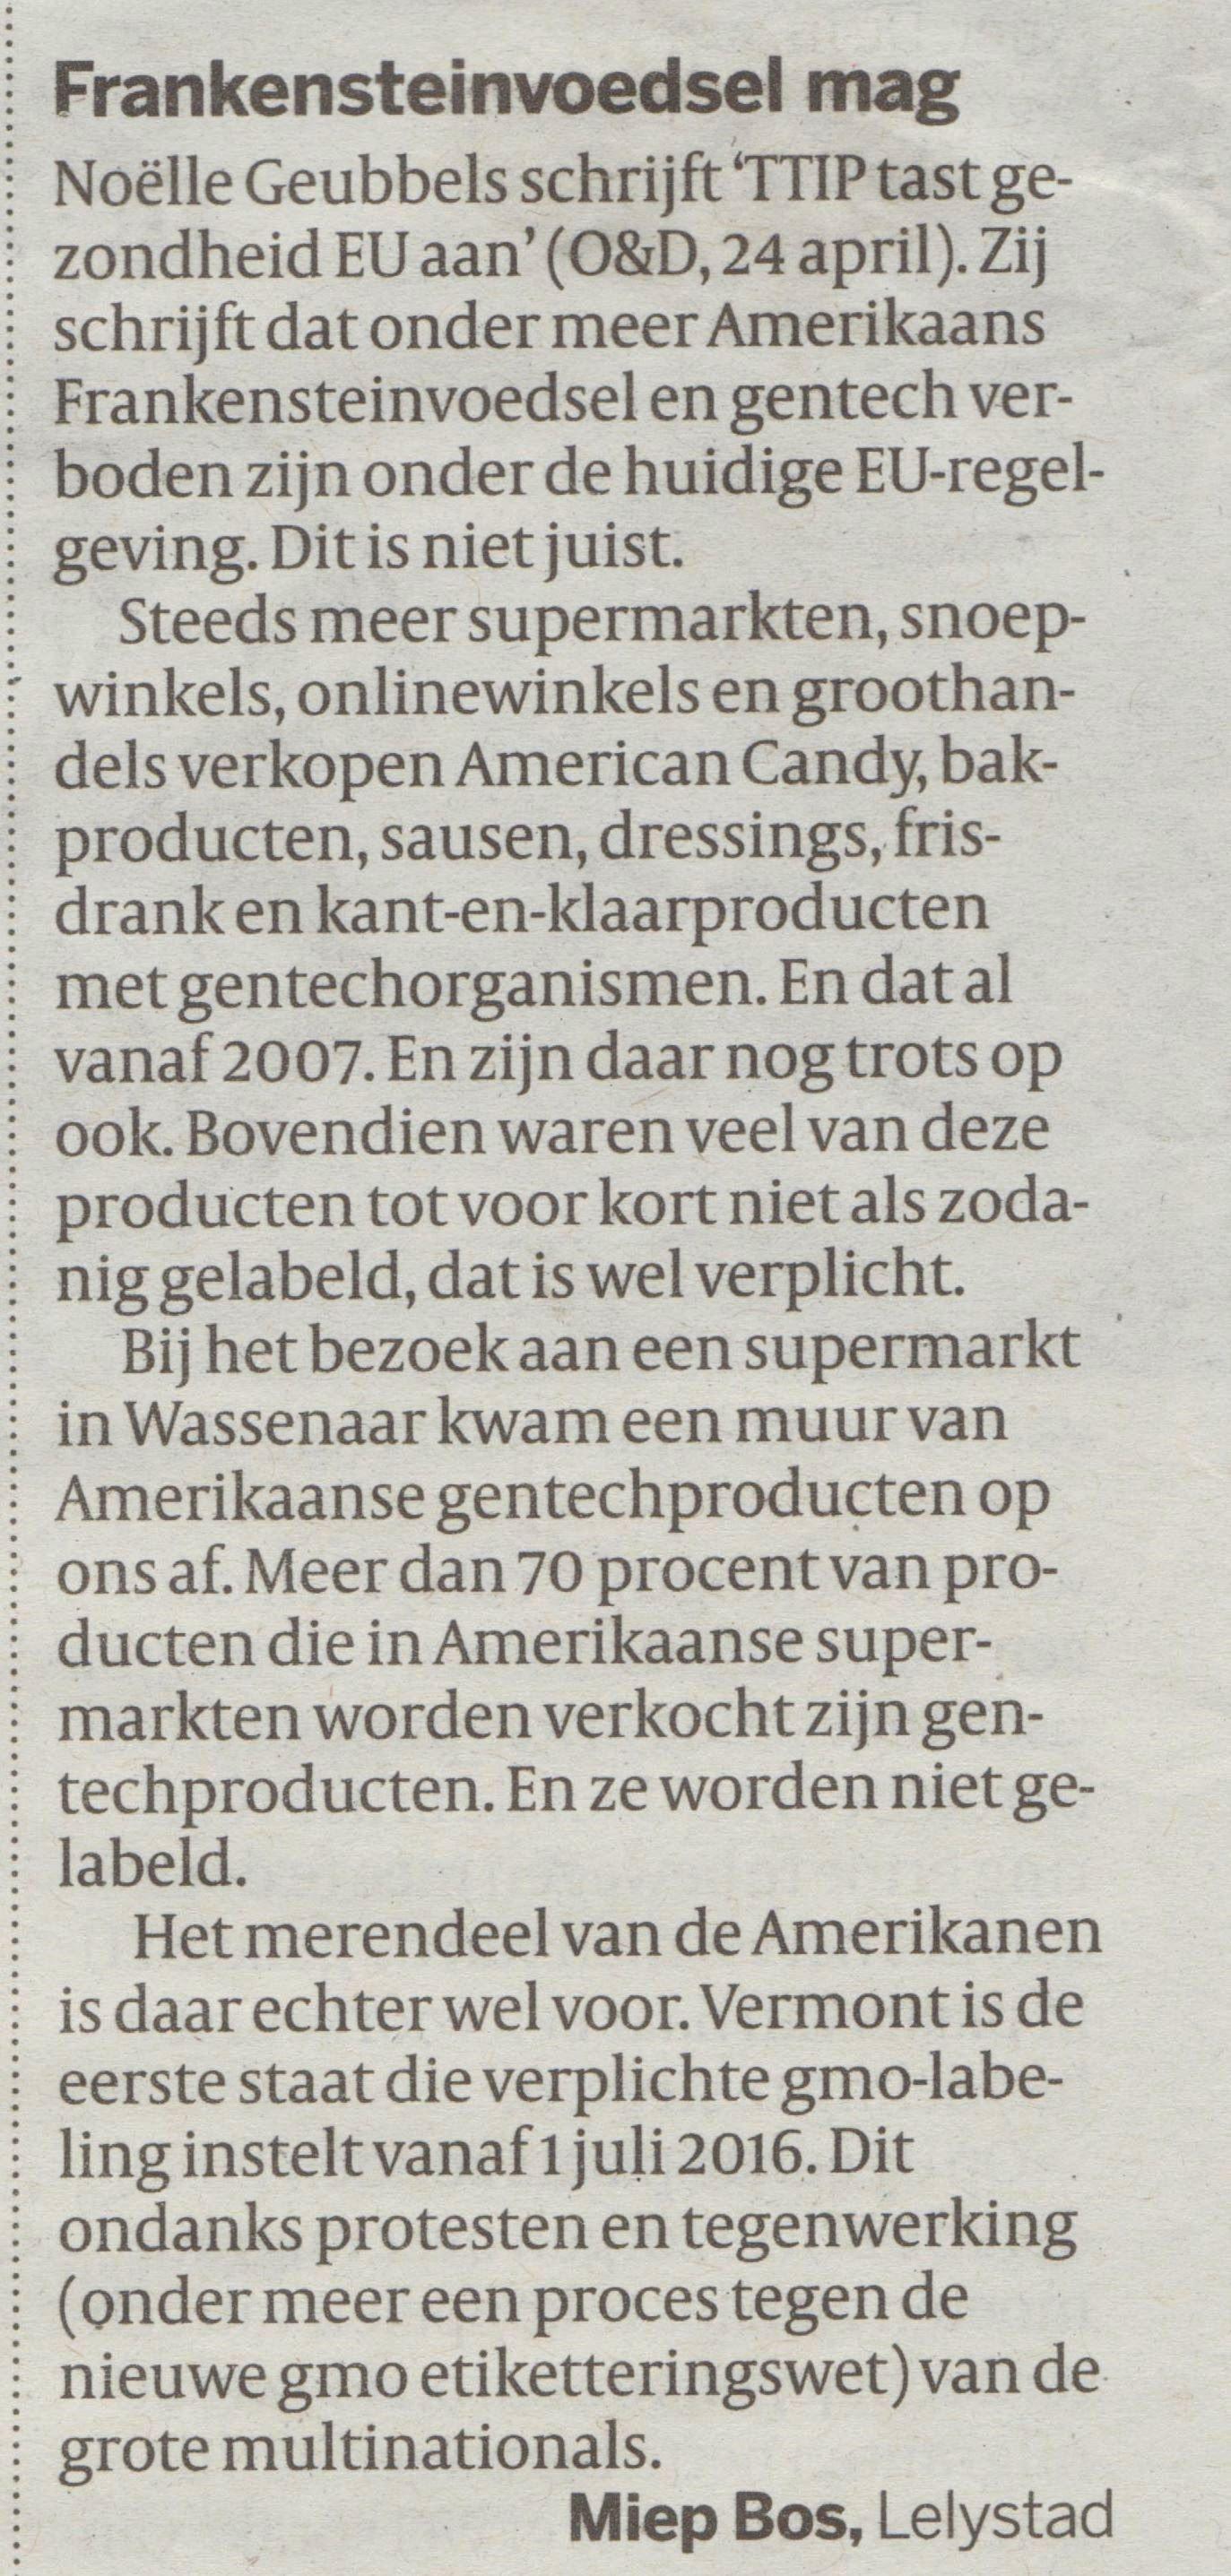 Frankensteinvoedsel Mag. Ingezonden brief van Miep Bos, geplaatst in de Volkkrant, 24-04-2015